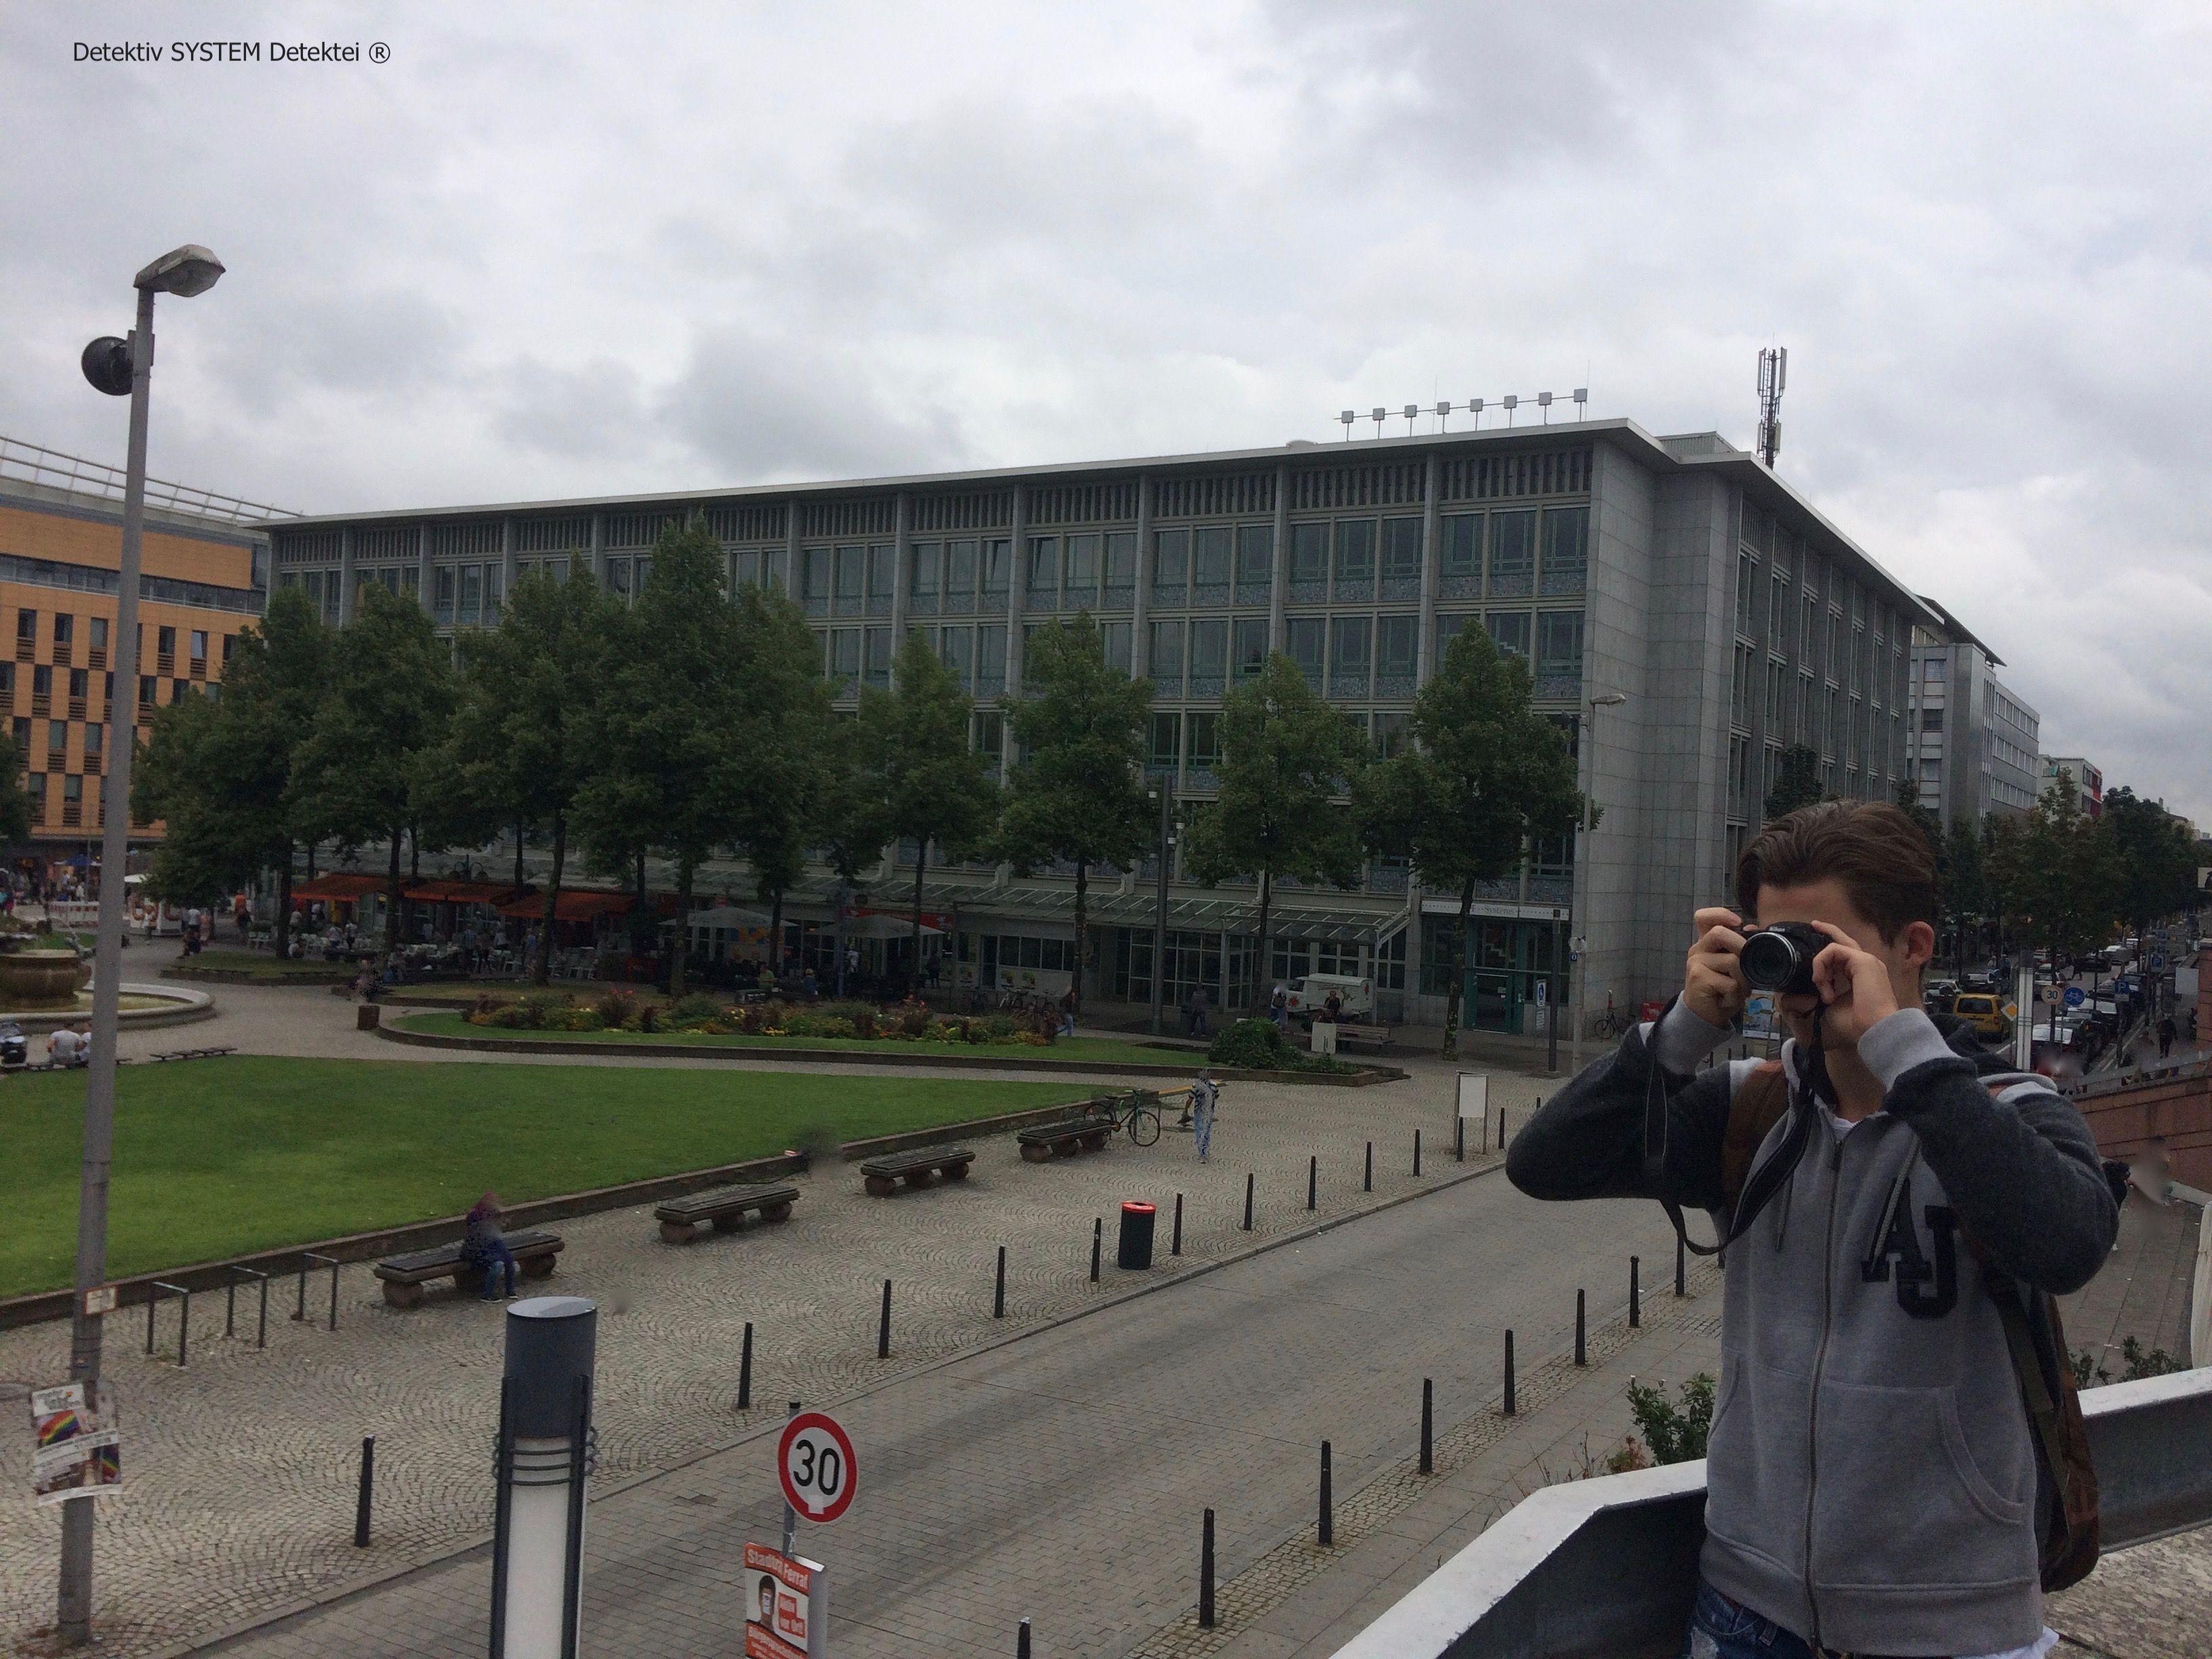 Mannheim Ist Operatives Einsatzgebiet Detektei Mannheim Eigenwerbung